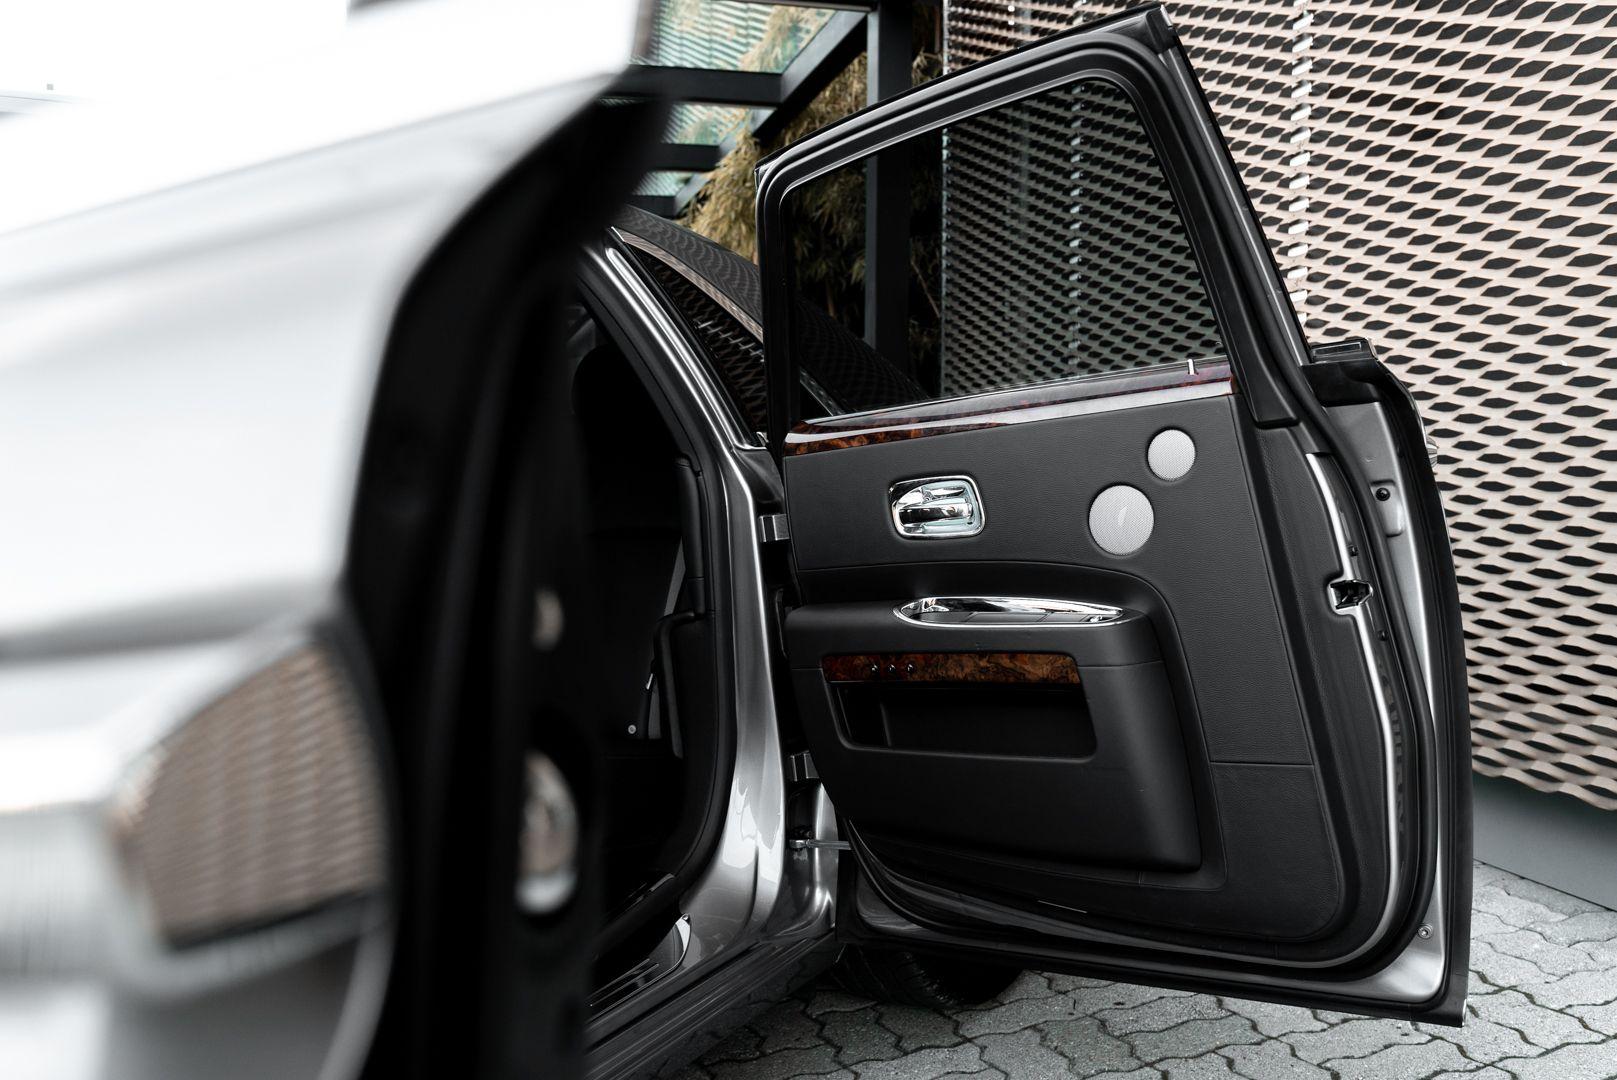 2011 Rolls Royce Ghost 85226